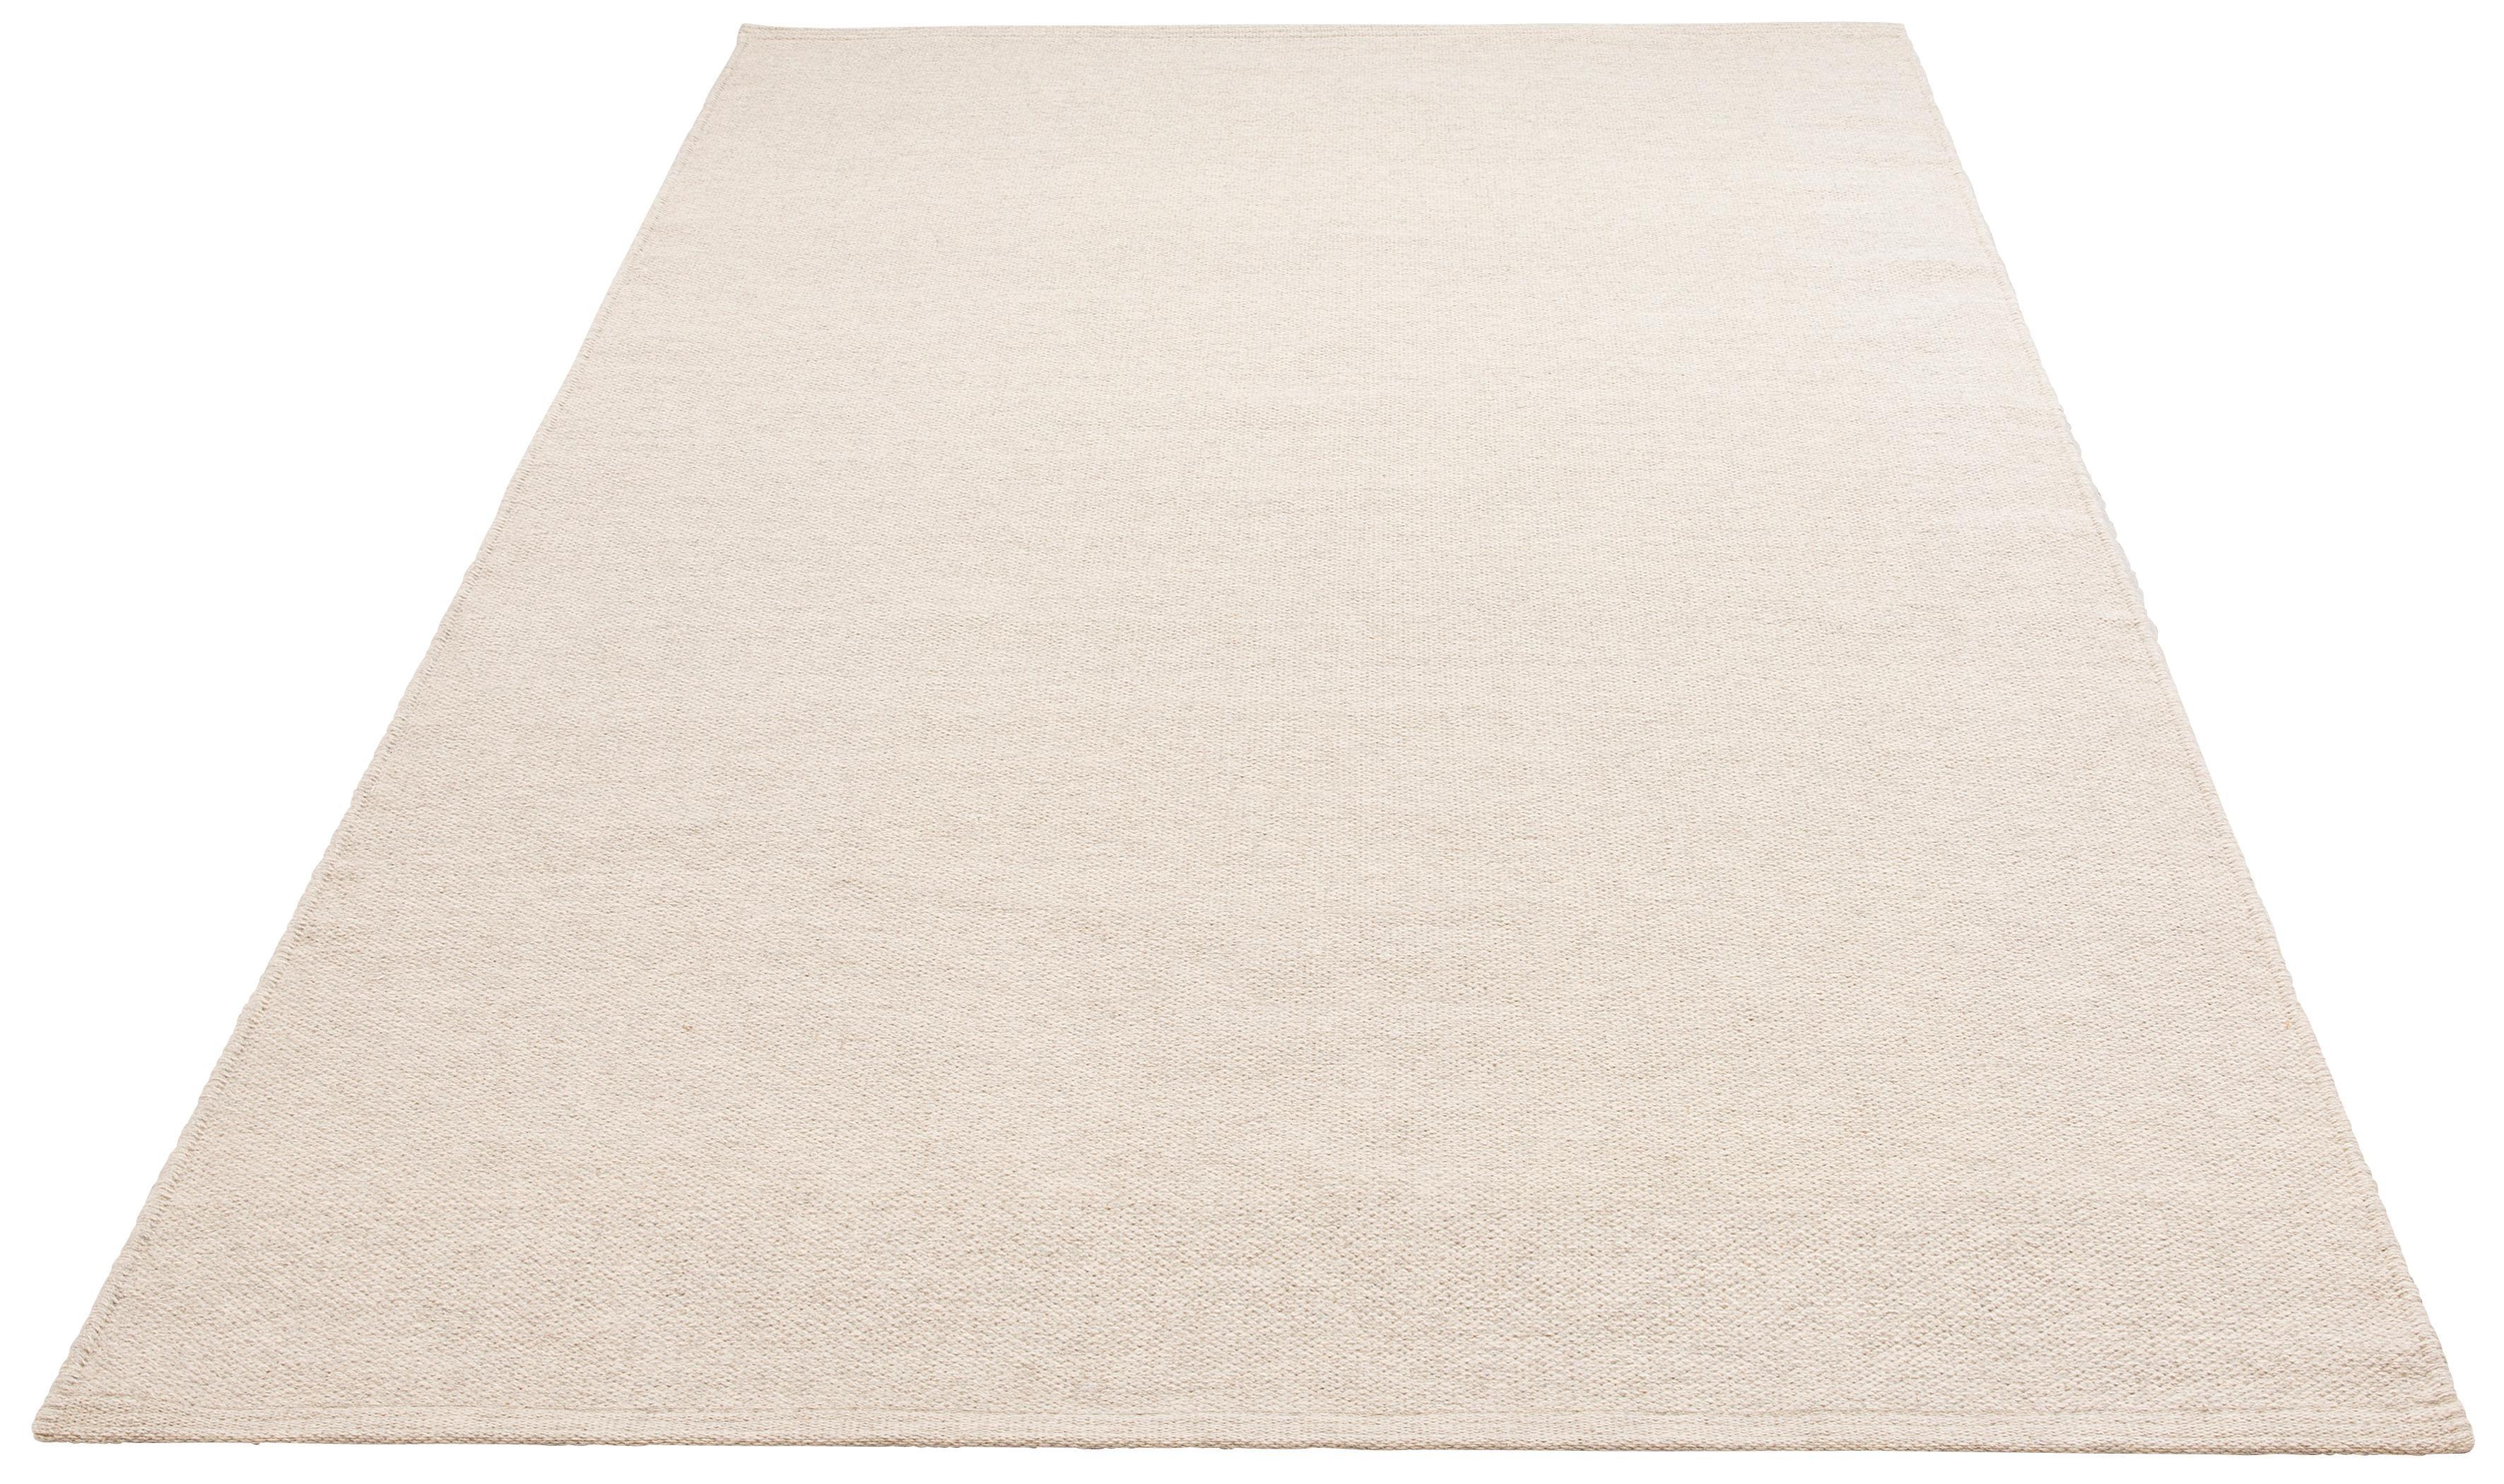 Teppich Sunil my home rechteckig Höhe 10 mm maschinell gewebt